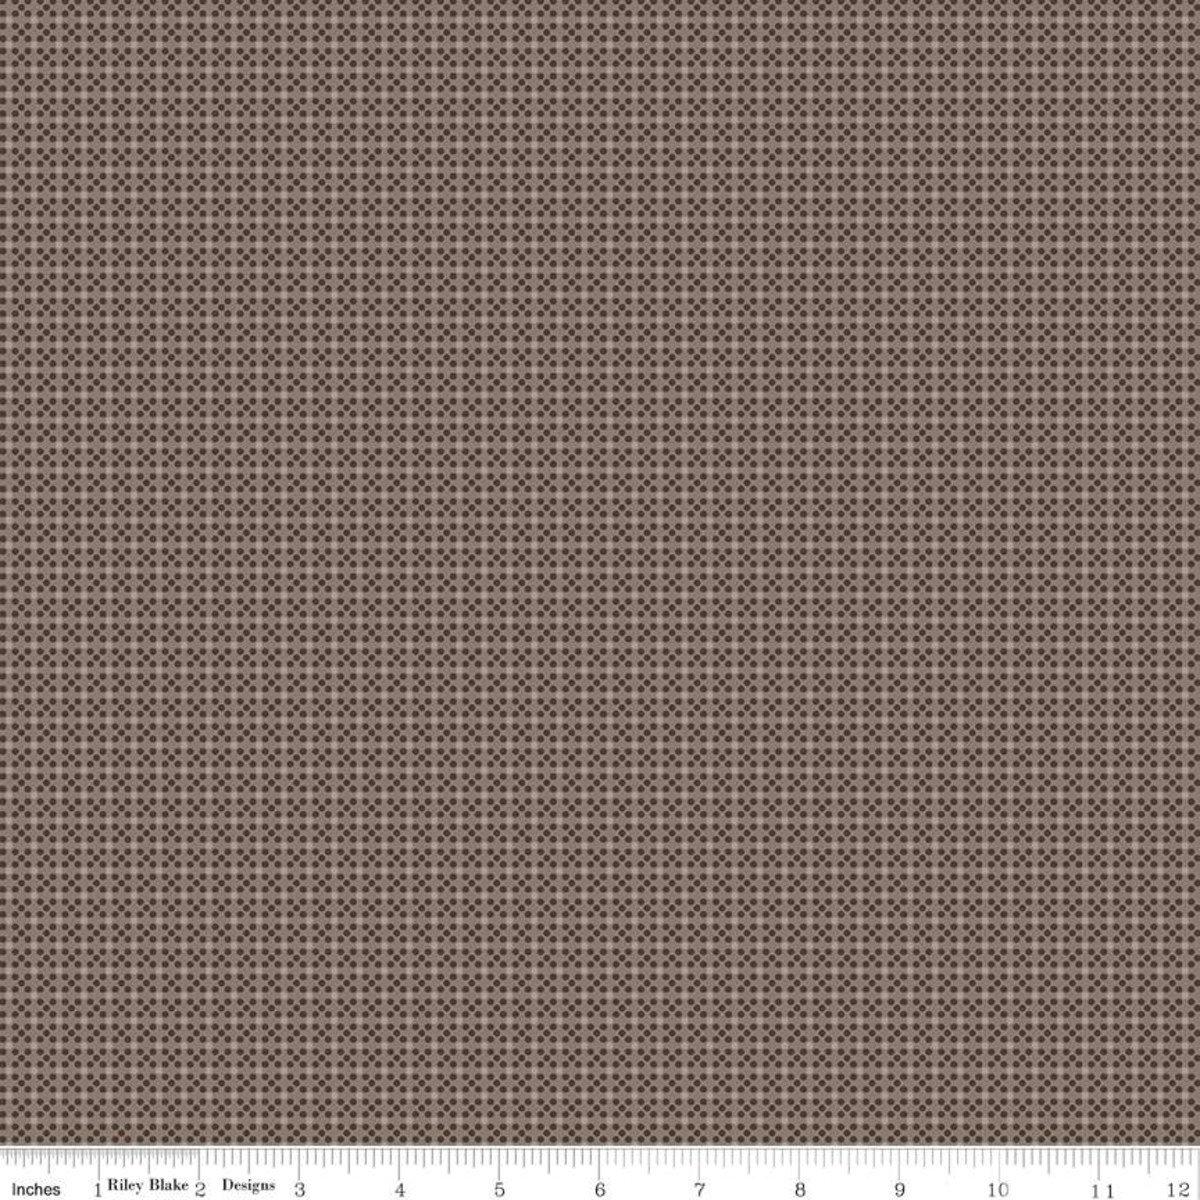 Prim C9696 Dot Pebble by Lori Holt for Riley Blake Designs